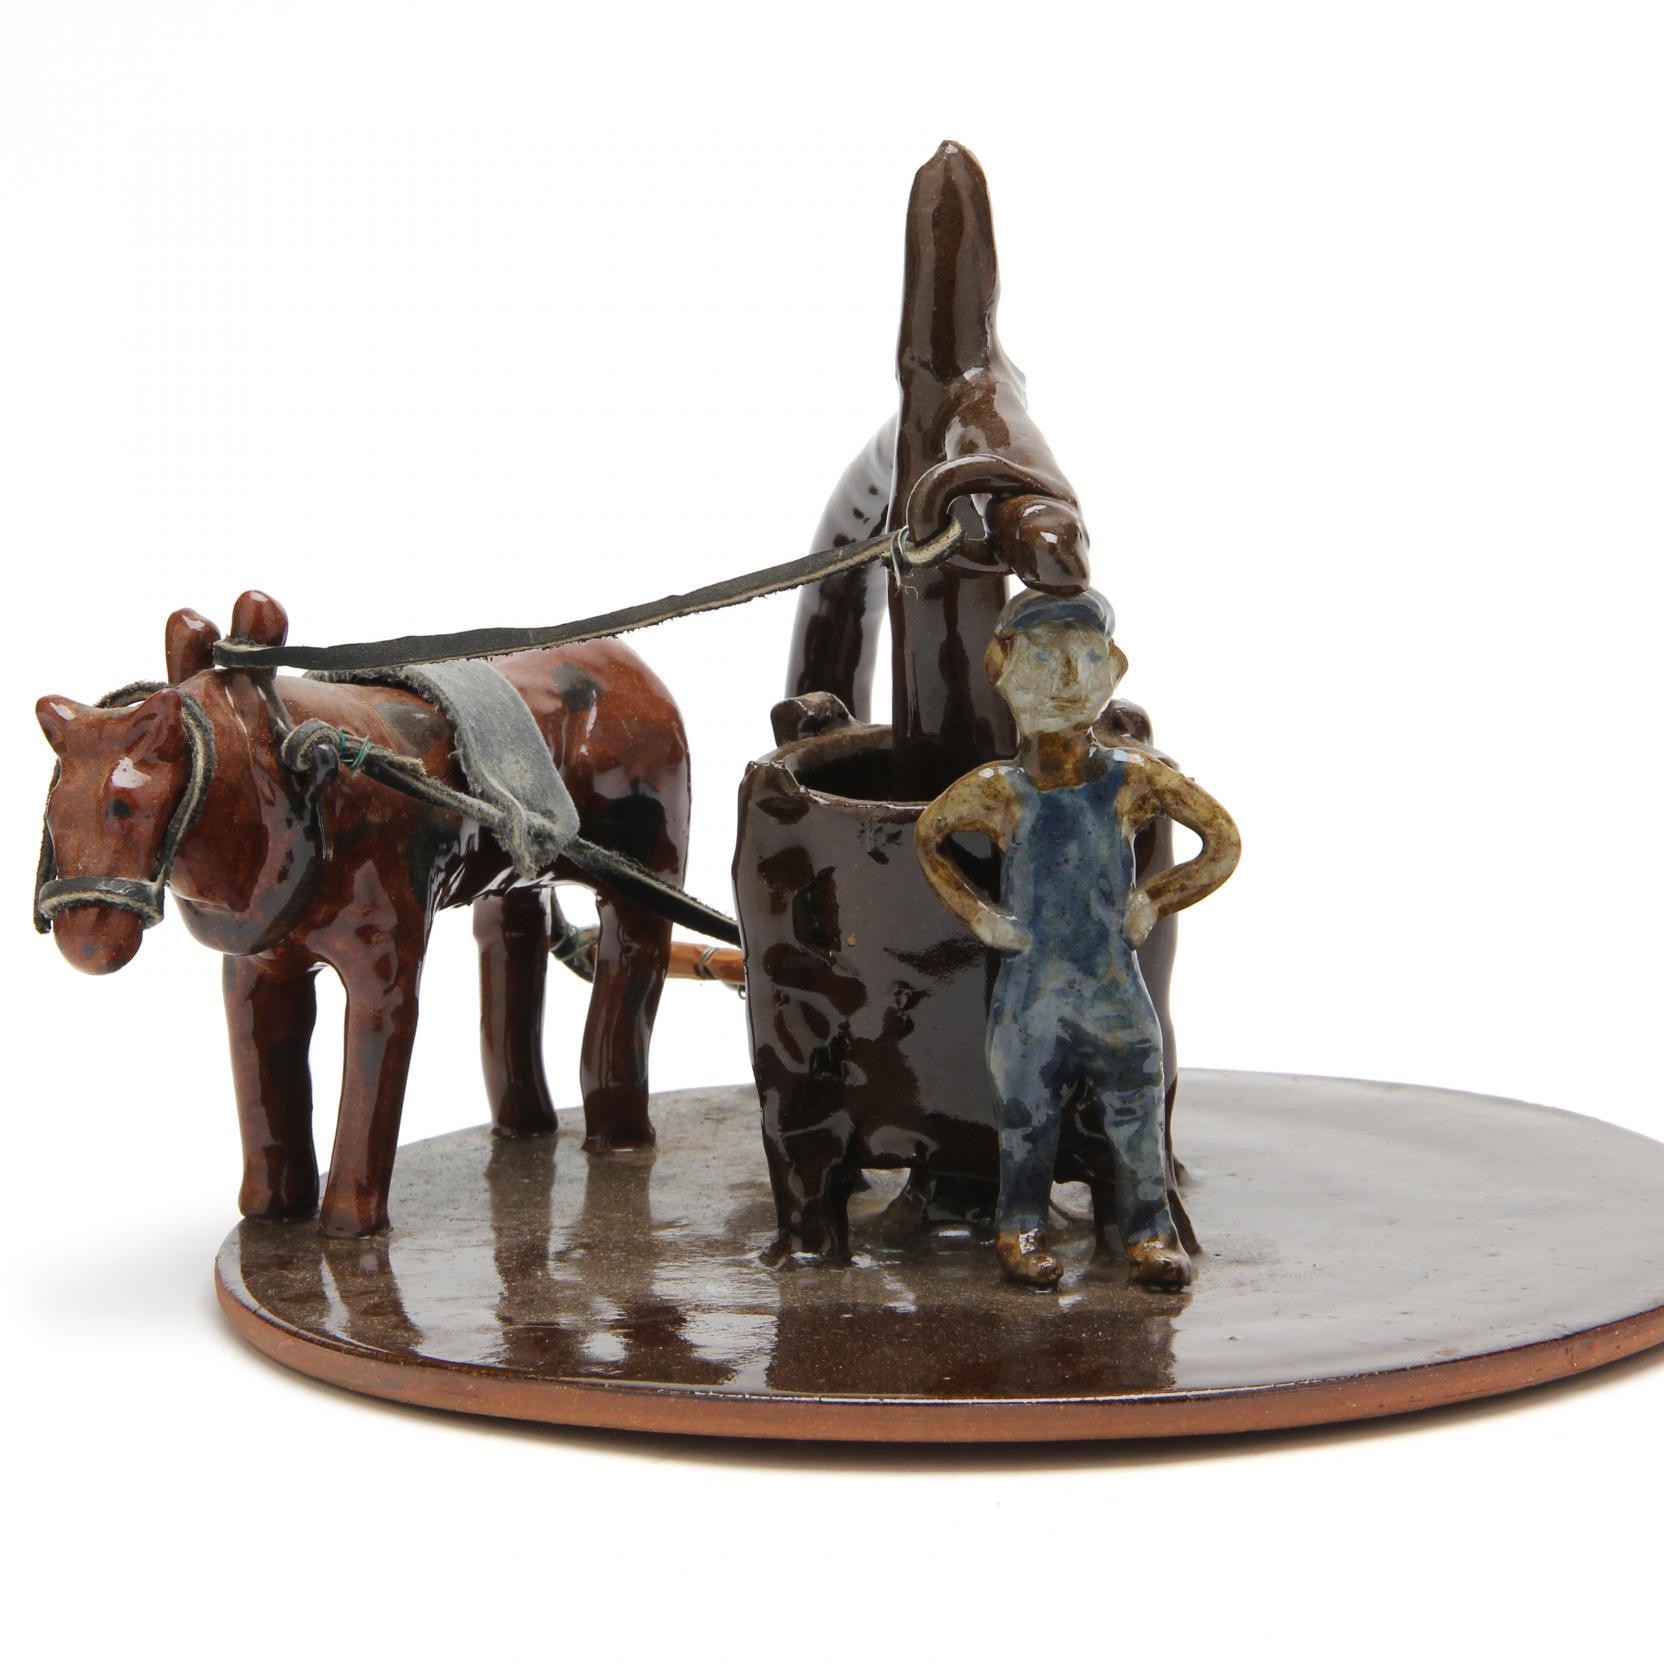 nc-folk-pottery-pug-mill-figurine-charles-moore